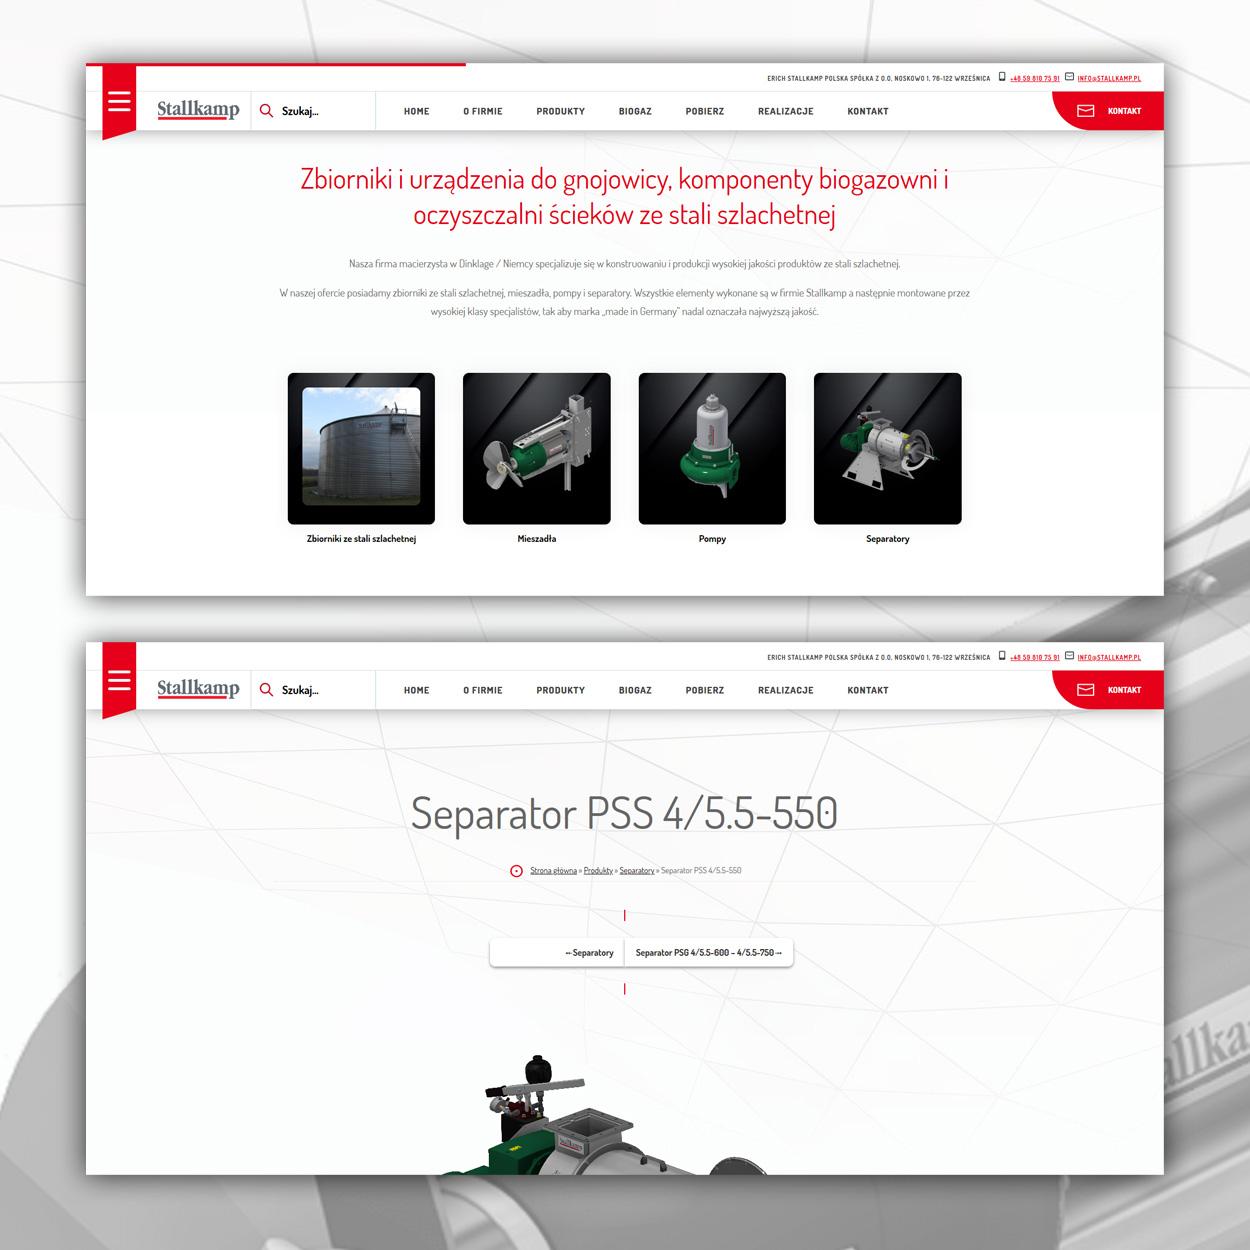 projektowanie stron www dla firmy technicznej 31 - Strona internetowa dla firmy technicznej - Stallkamp.pl